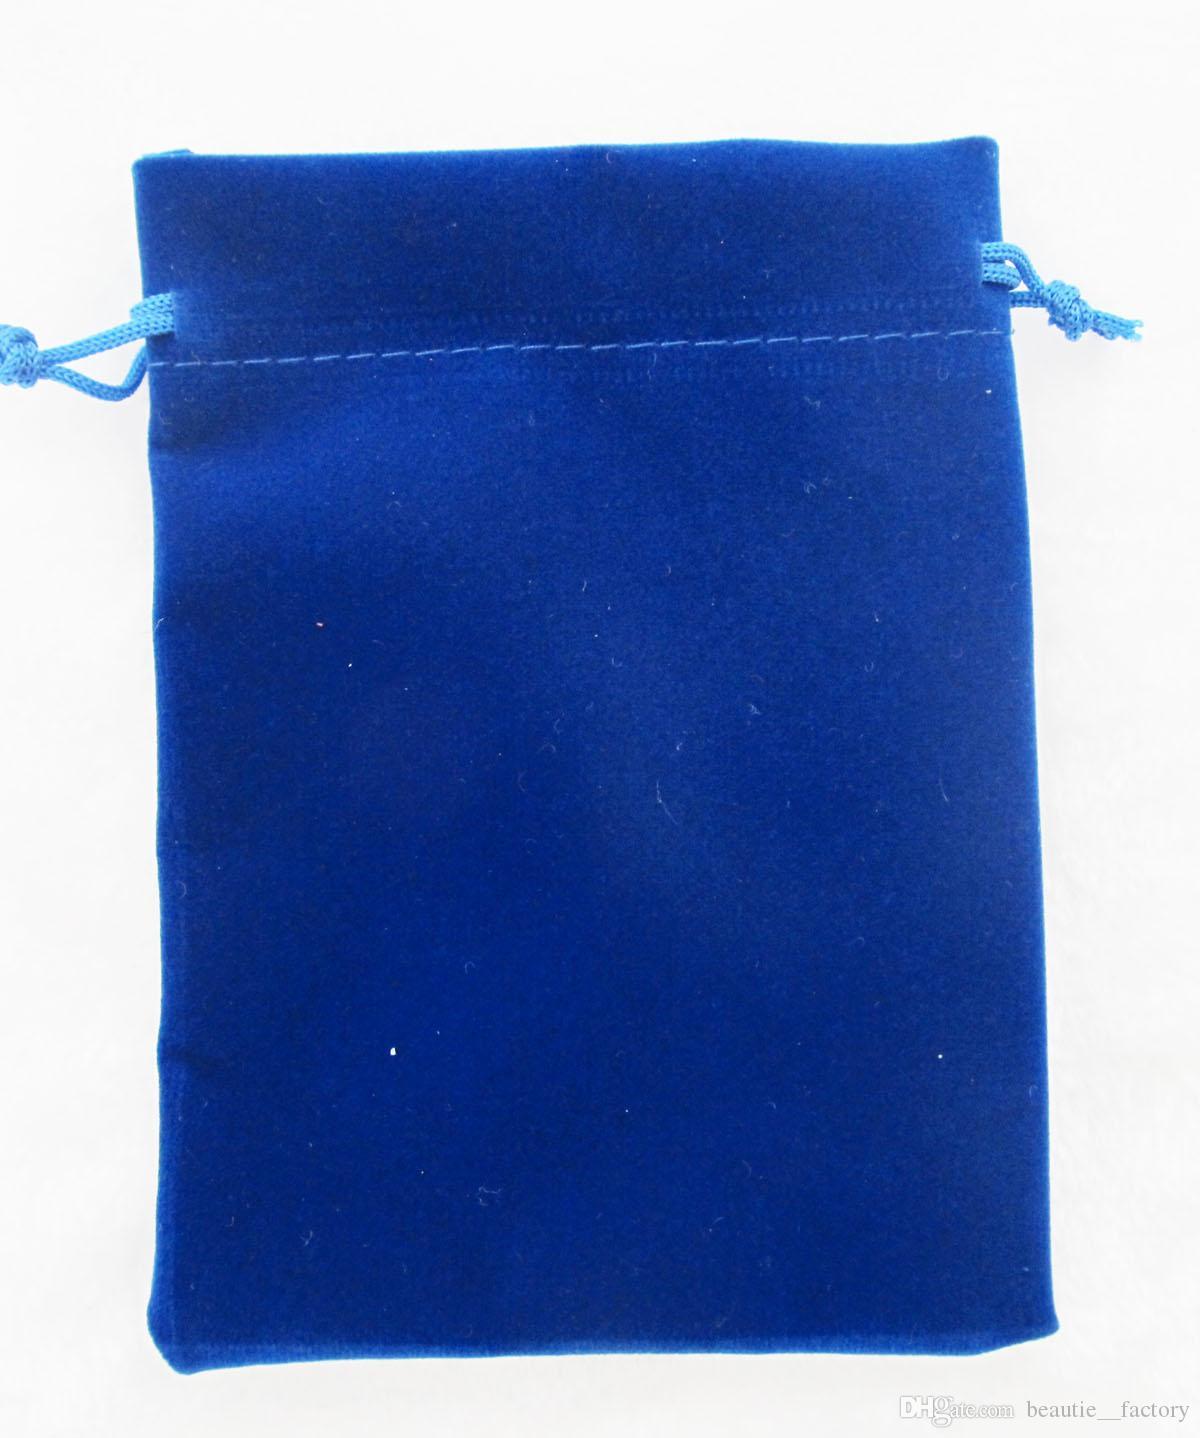 블루 벨벳 벨벳 가방 쥬얼리 파우치 선물 포장 11 x 15 cm 4.3x5.9 인치 가방